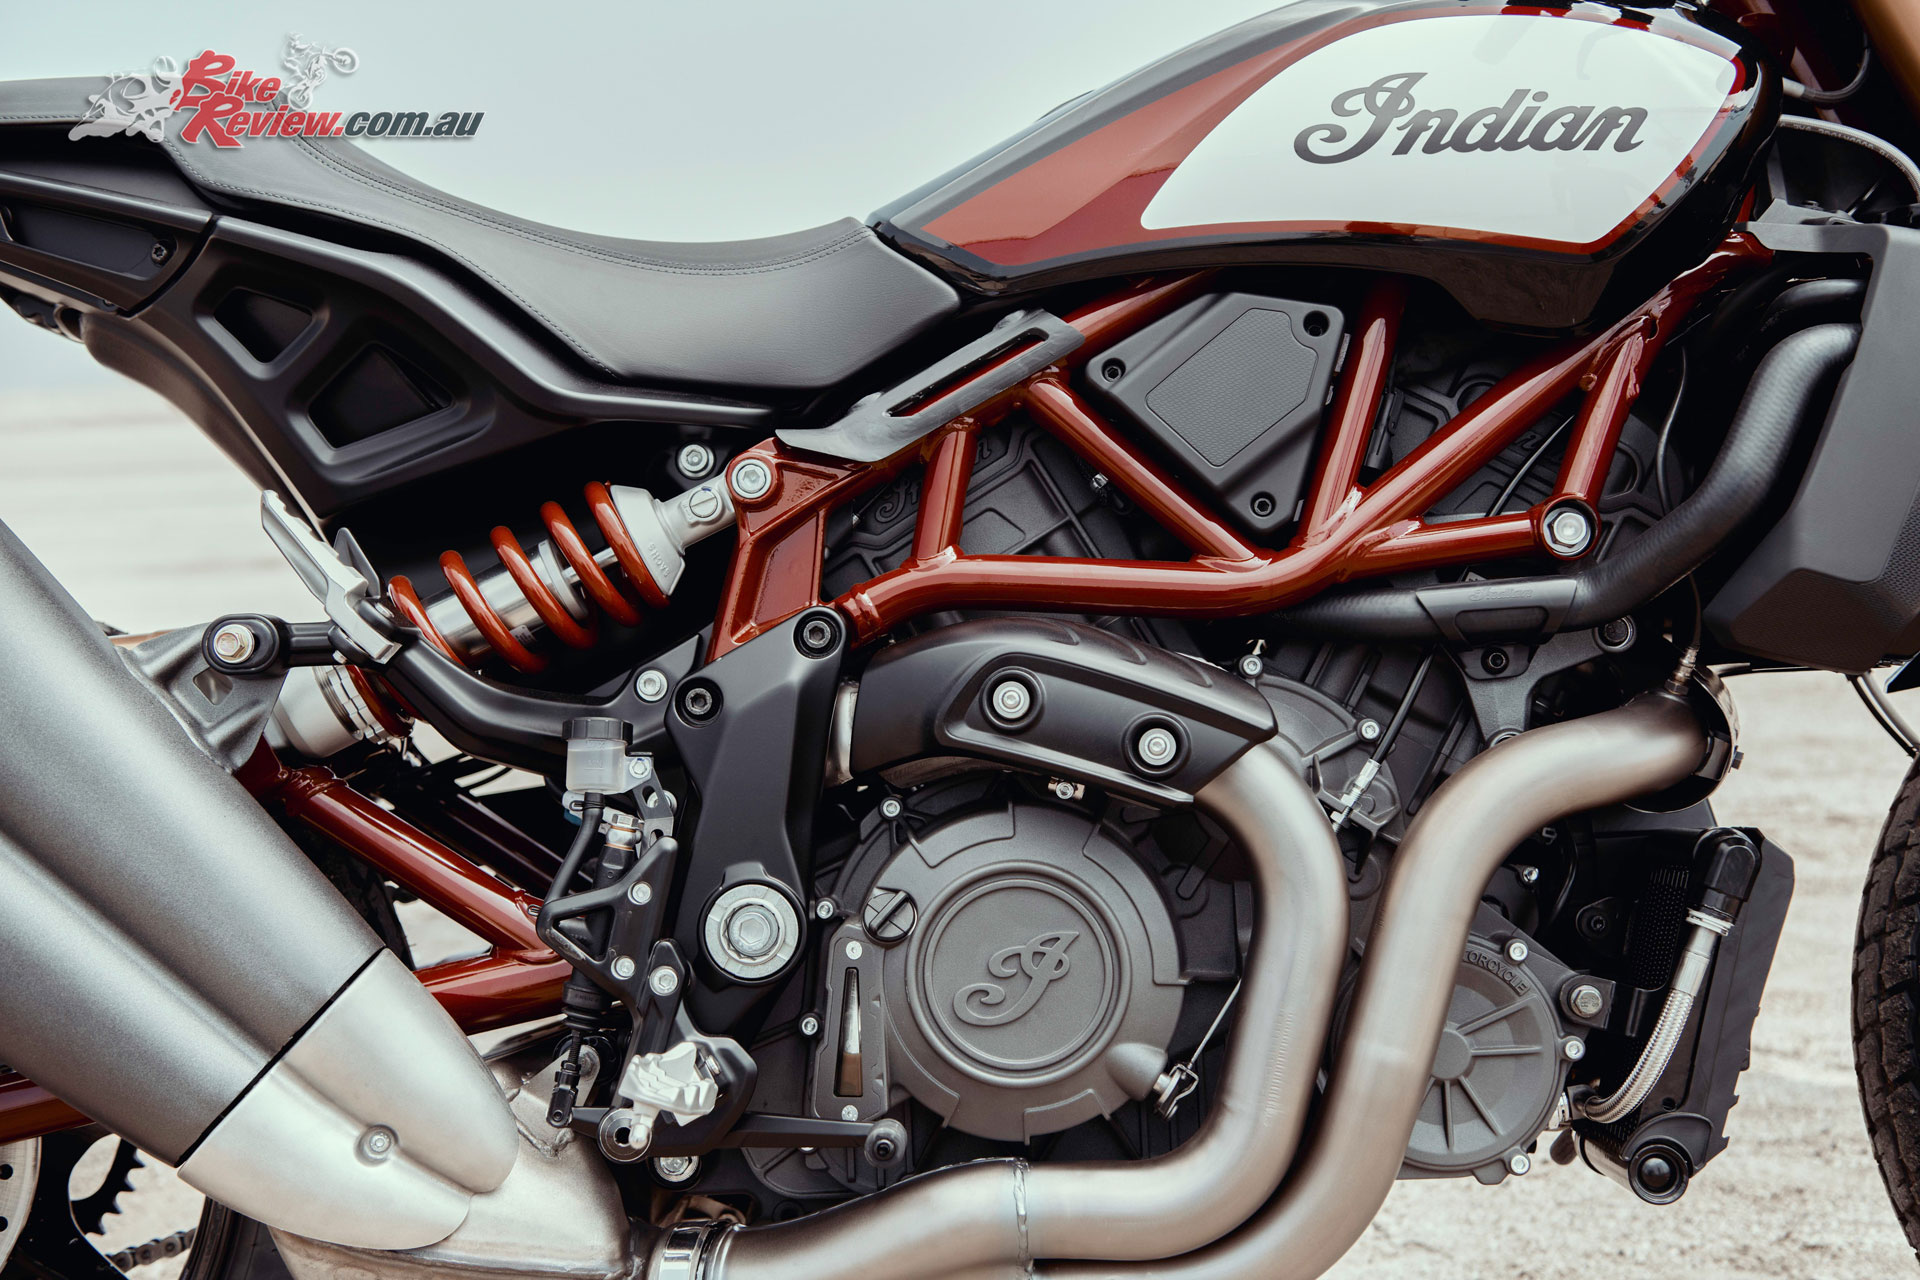 2019 Indian FTR 1200 S